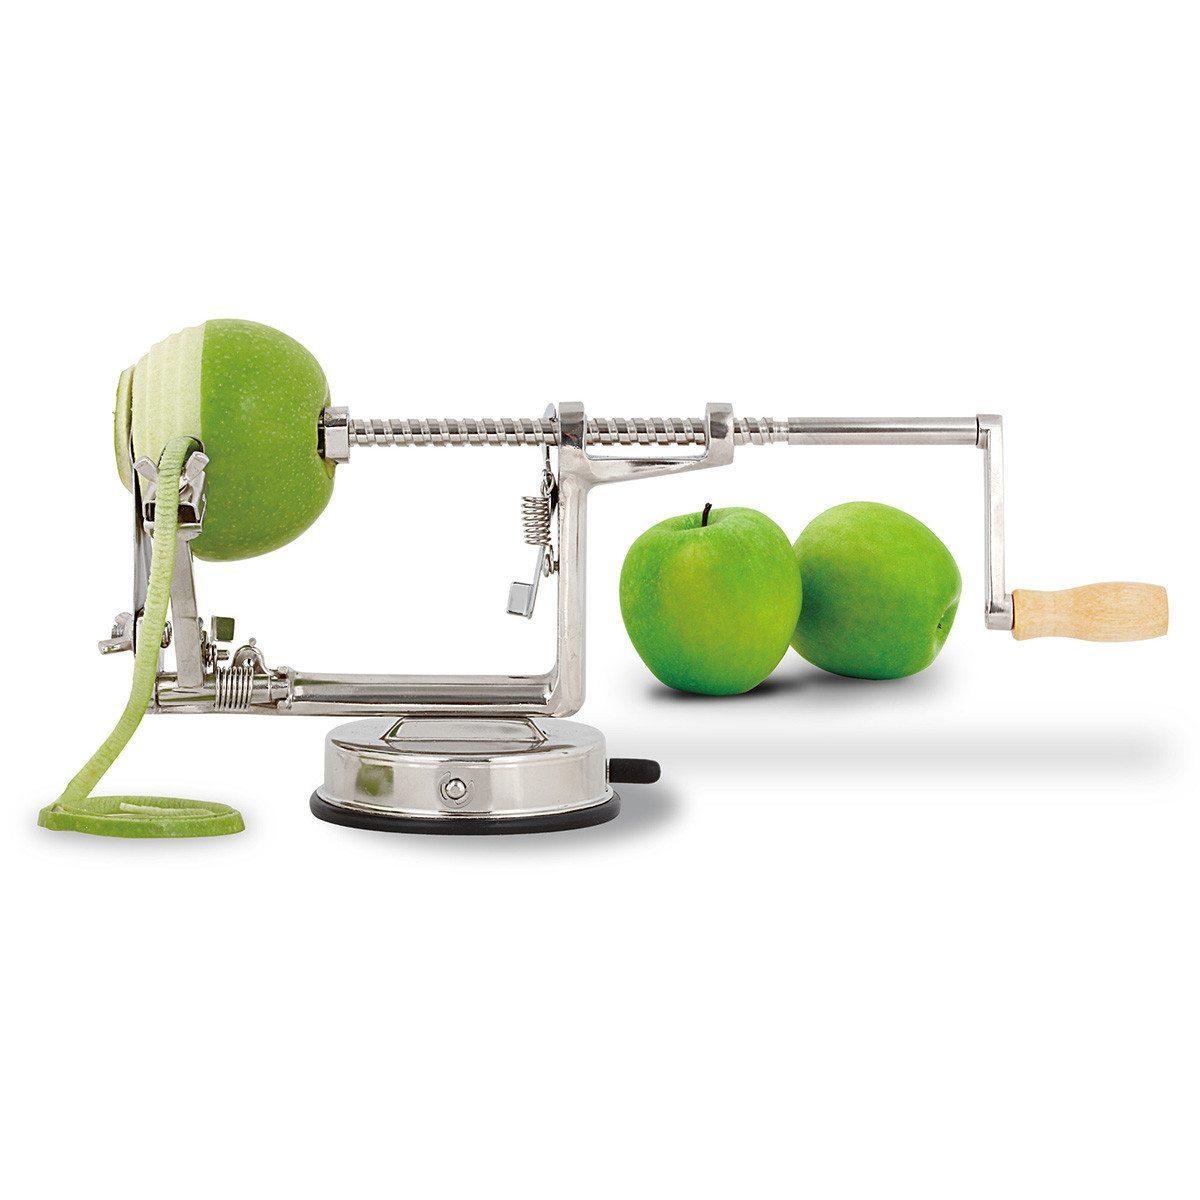 Pelador de manzanas - Versión Deluxe